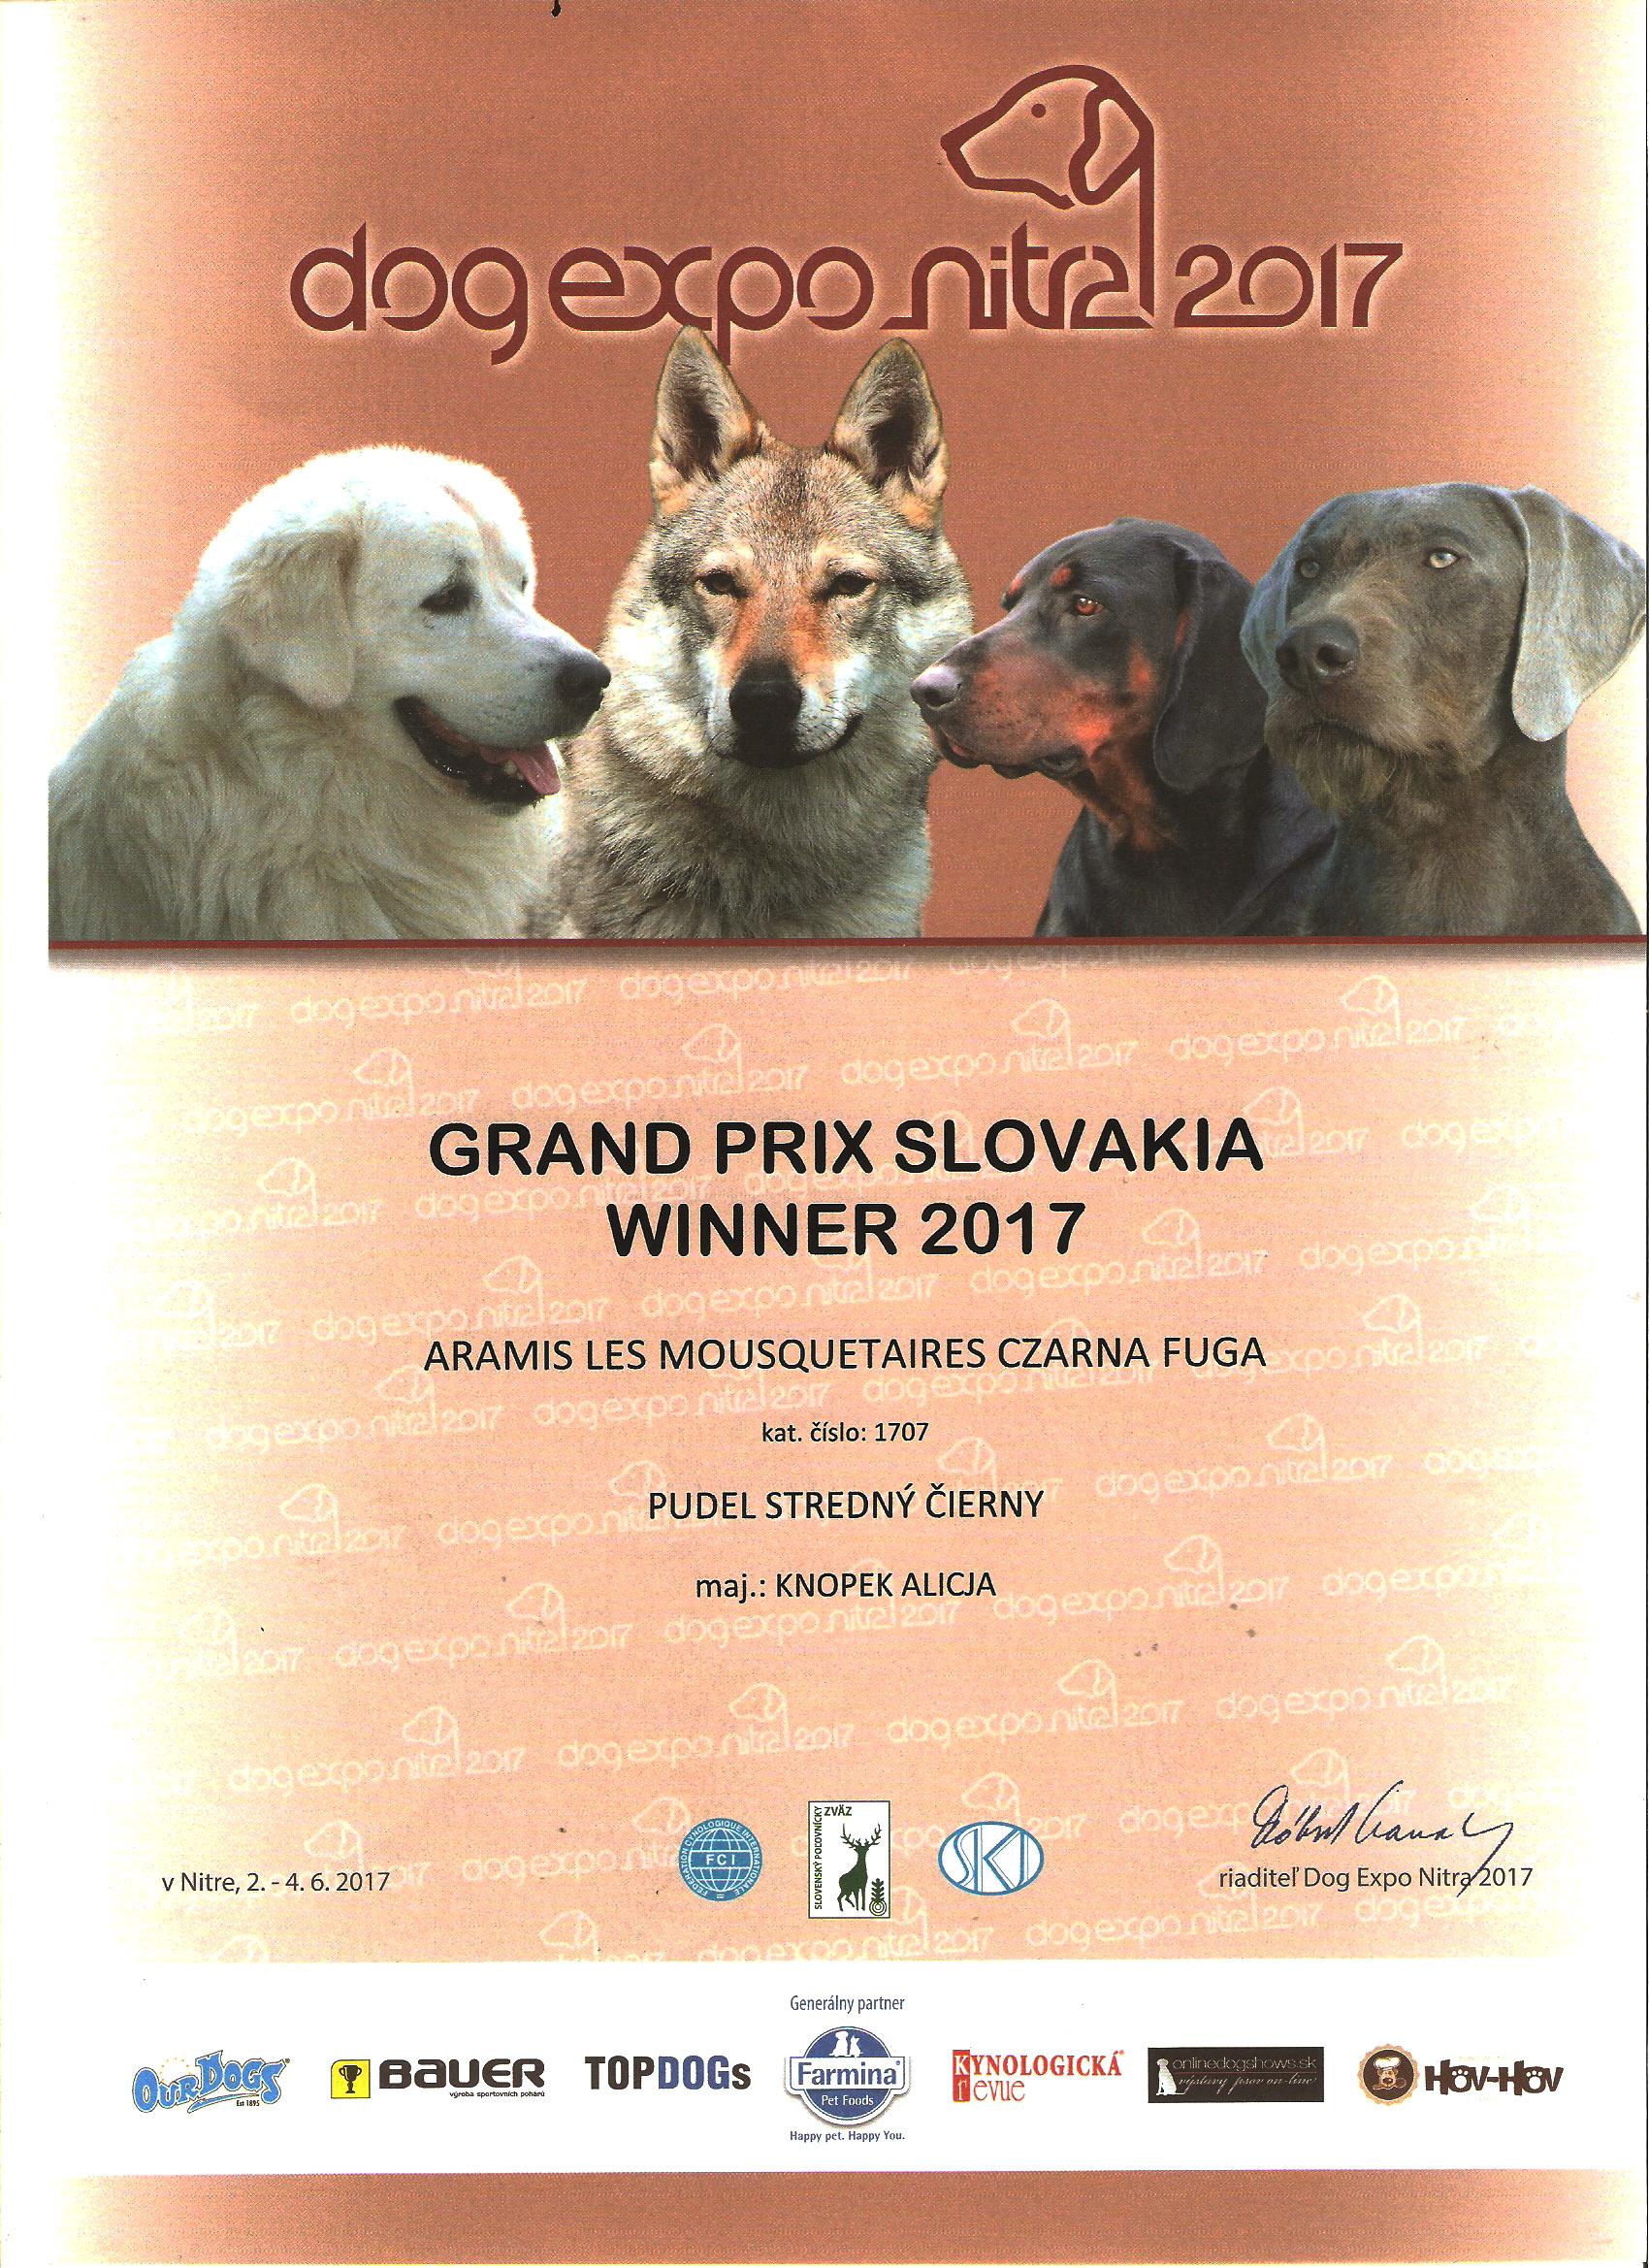 Grand Prix Slovakia 2017